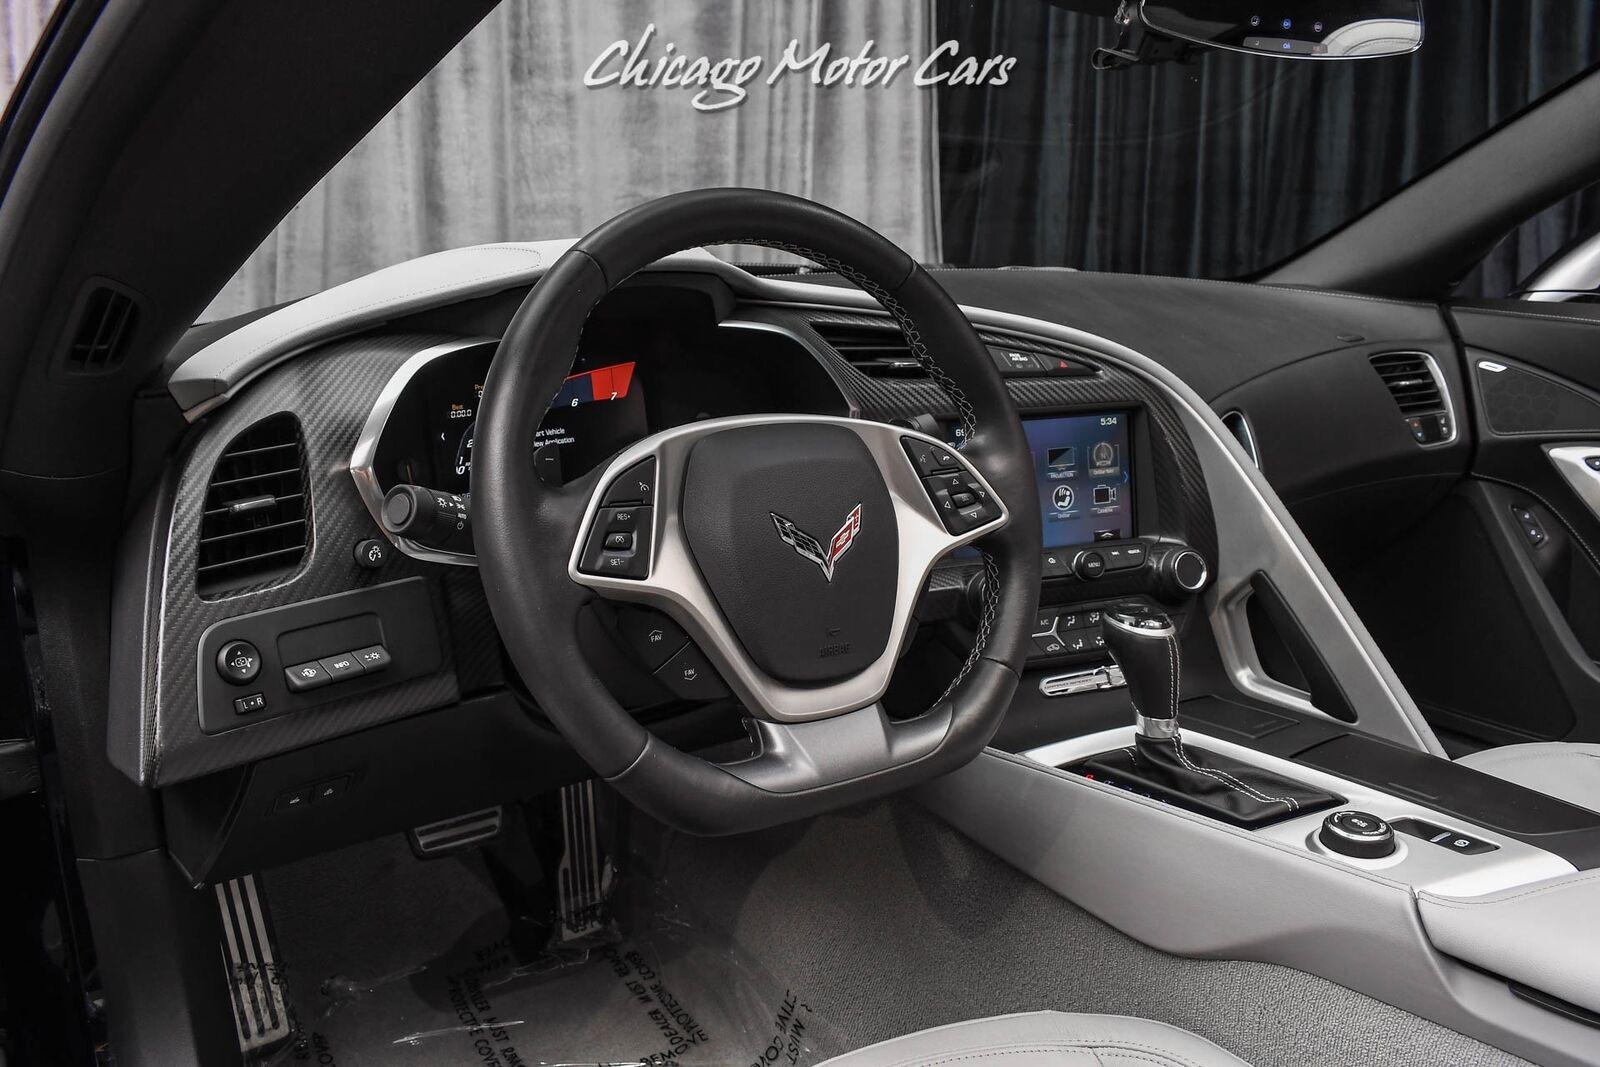 2019 Black Chevrolet Corvette Z07 2LT   C7 Corvette Photo 8